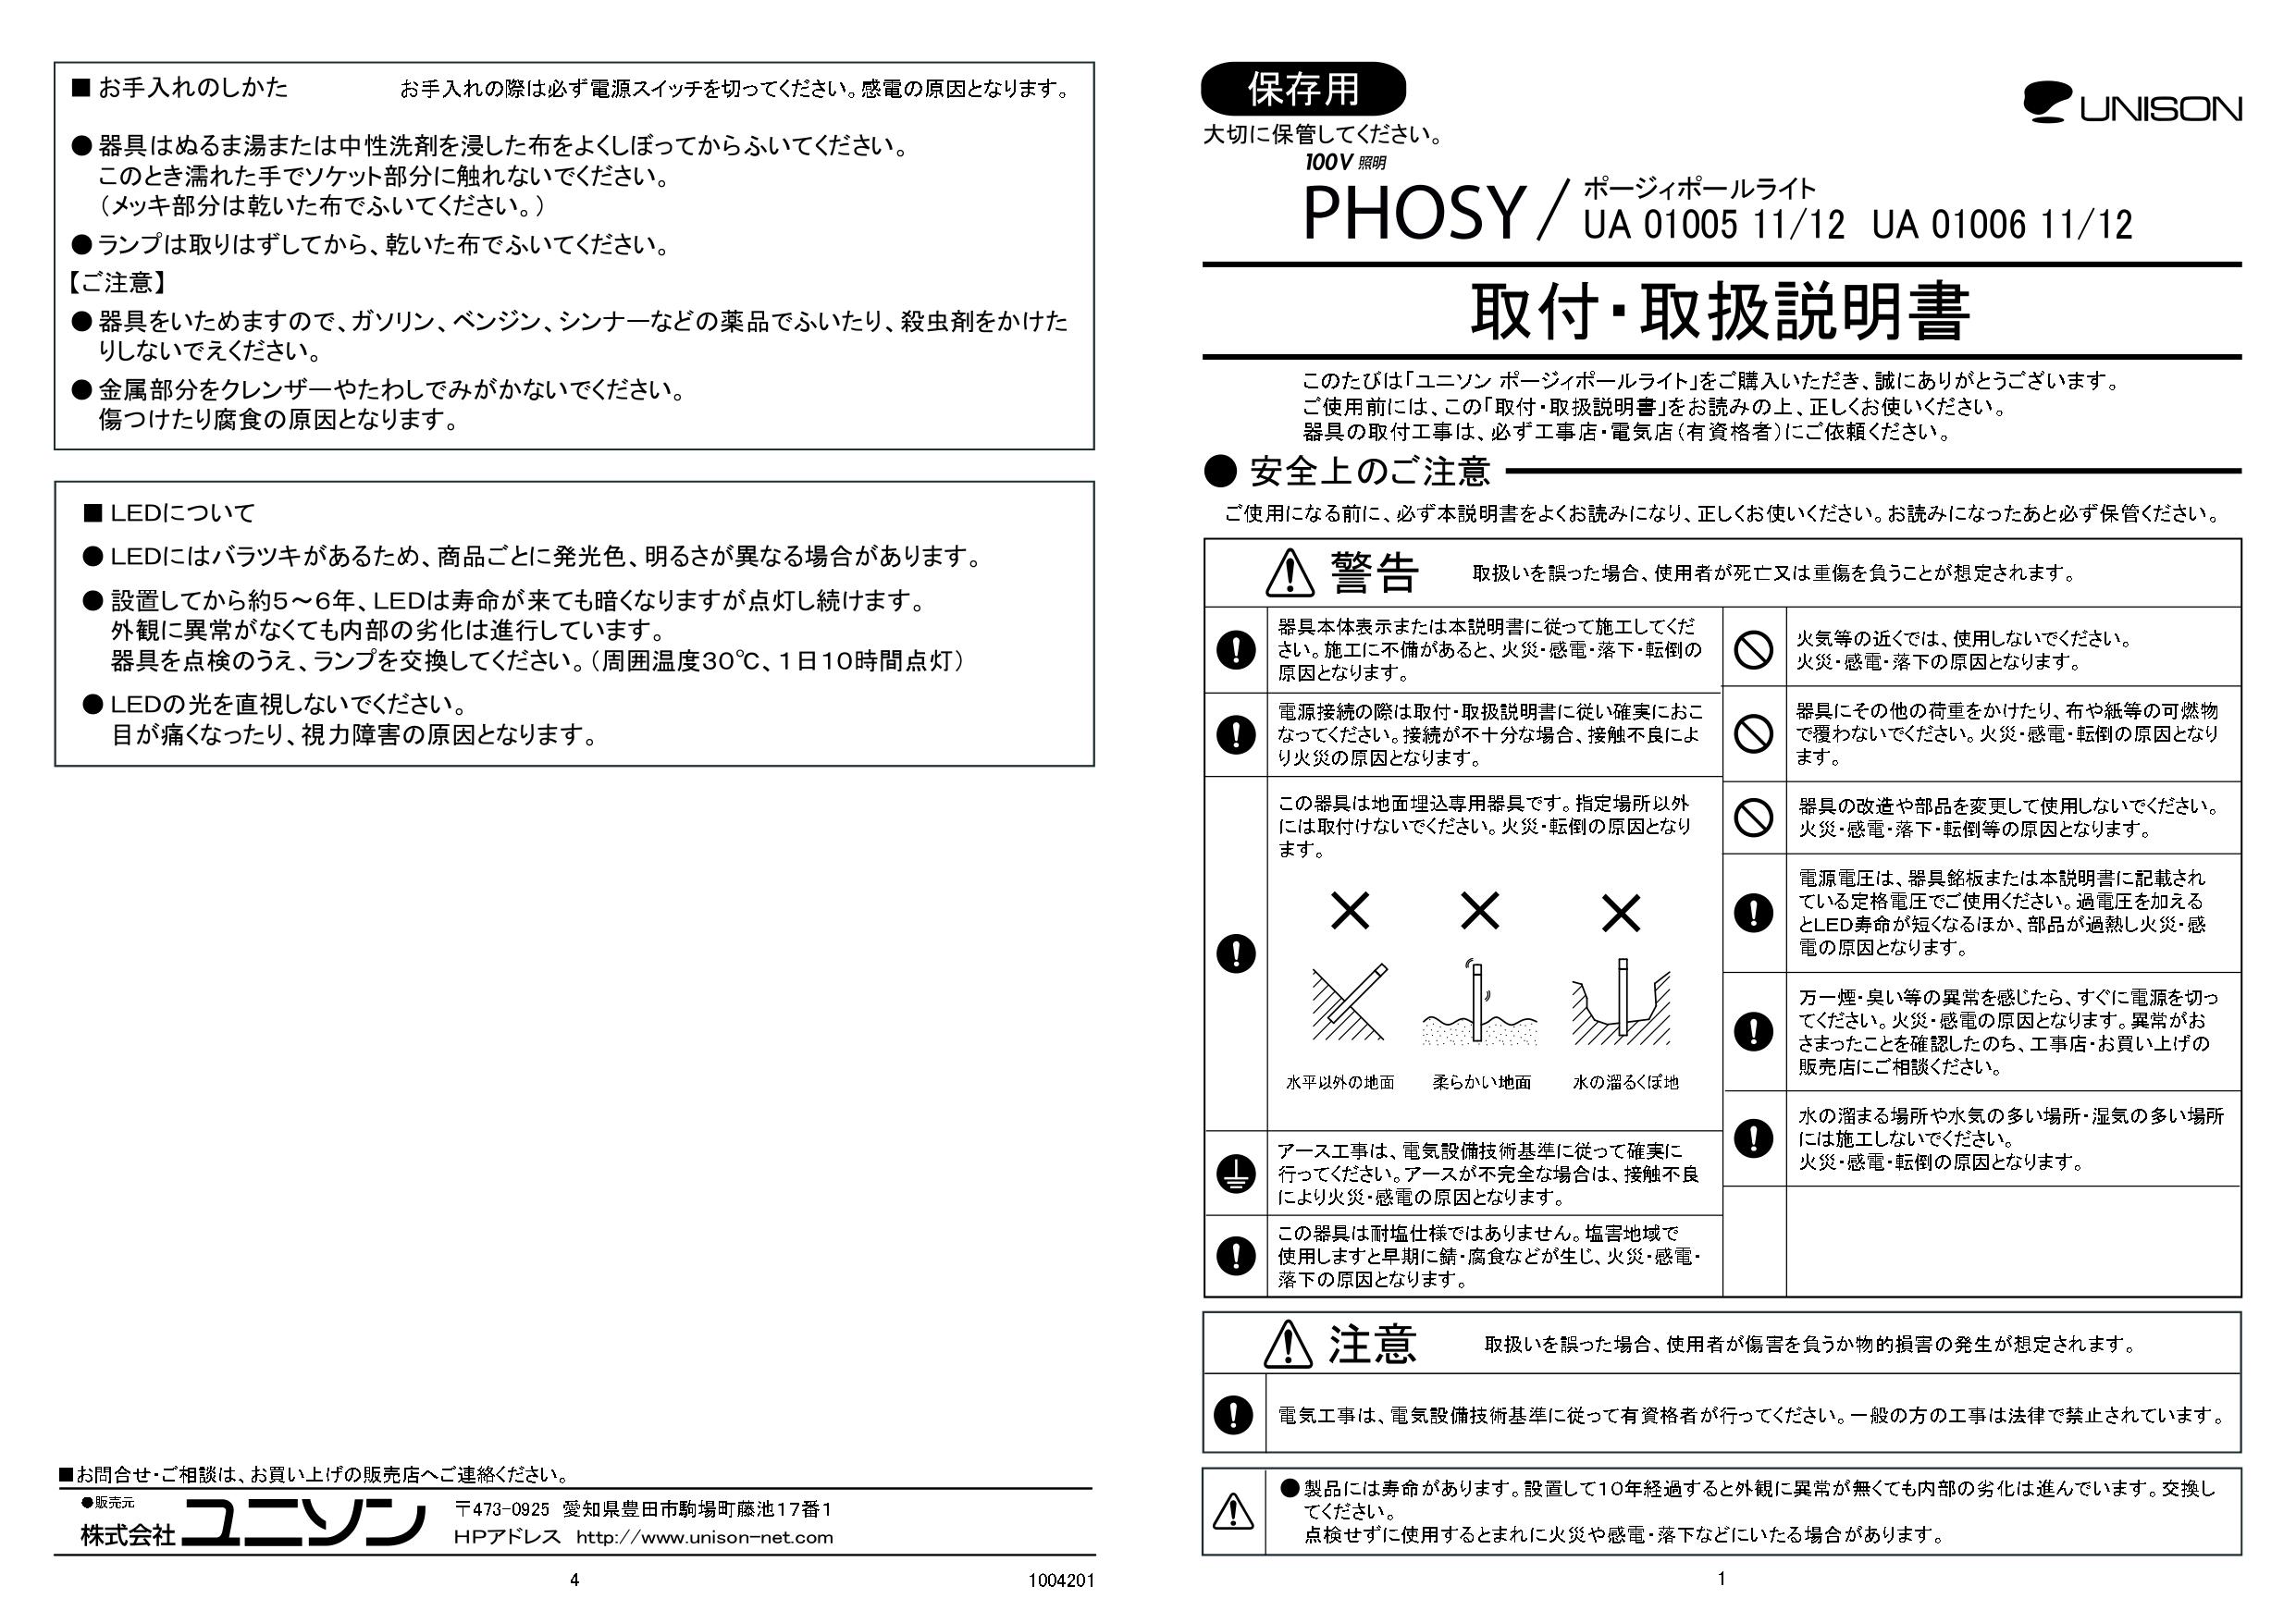 ポージィポールライト UA 01005 11、12_取扱説明書_page-0001